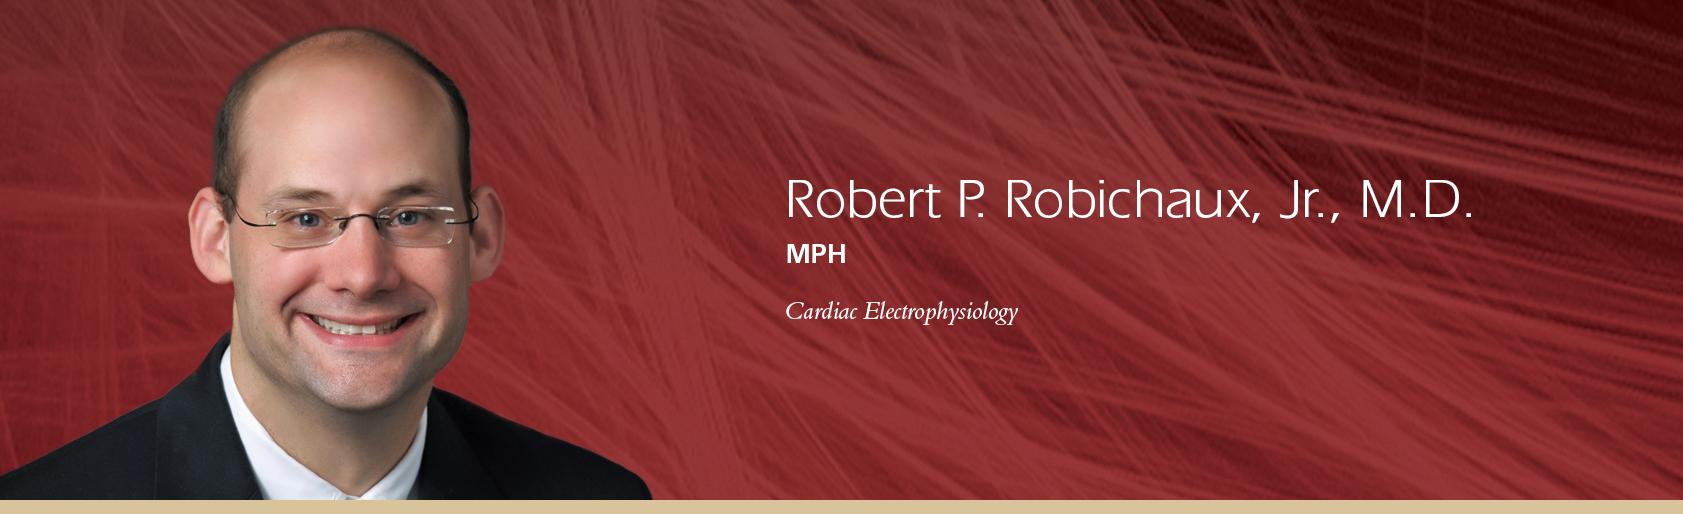 RobbieRobichaux.jpg